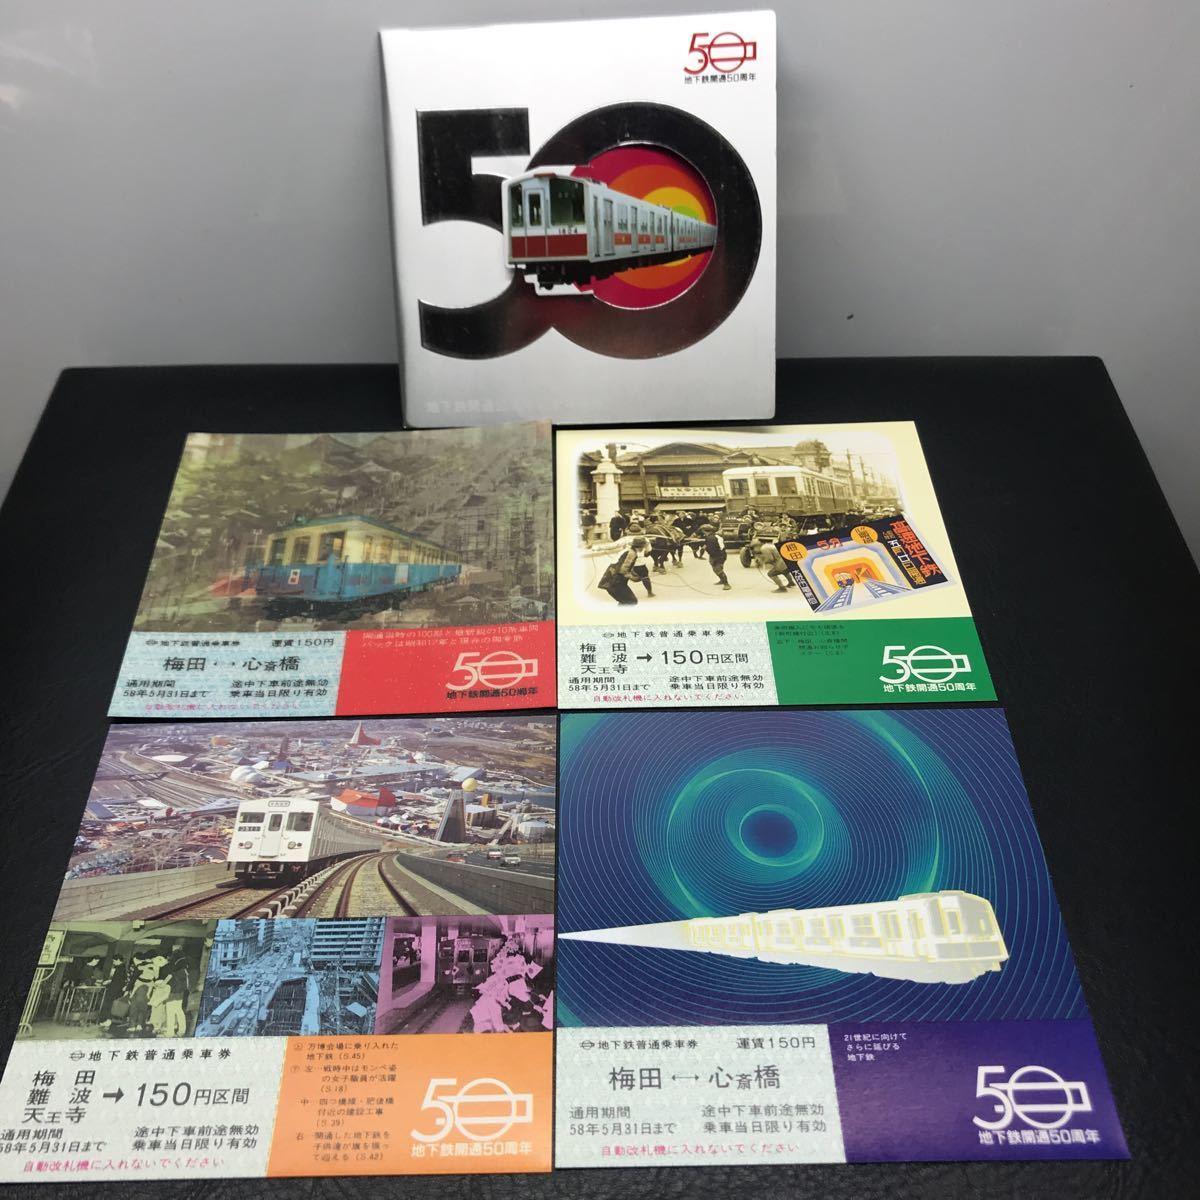 1111 大阪市交通局 地下鉄開通50周年記念乗車券 昭和58年 4枚 当時物 コレクション 鉄道資料_画像1